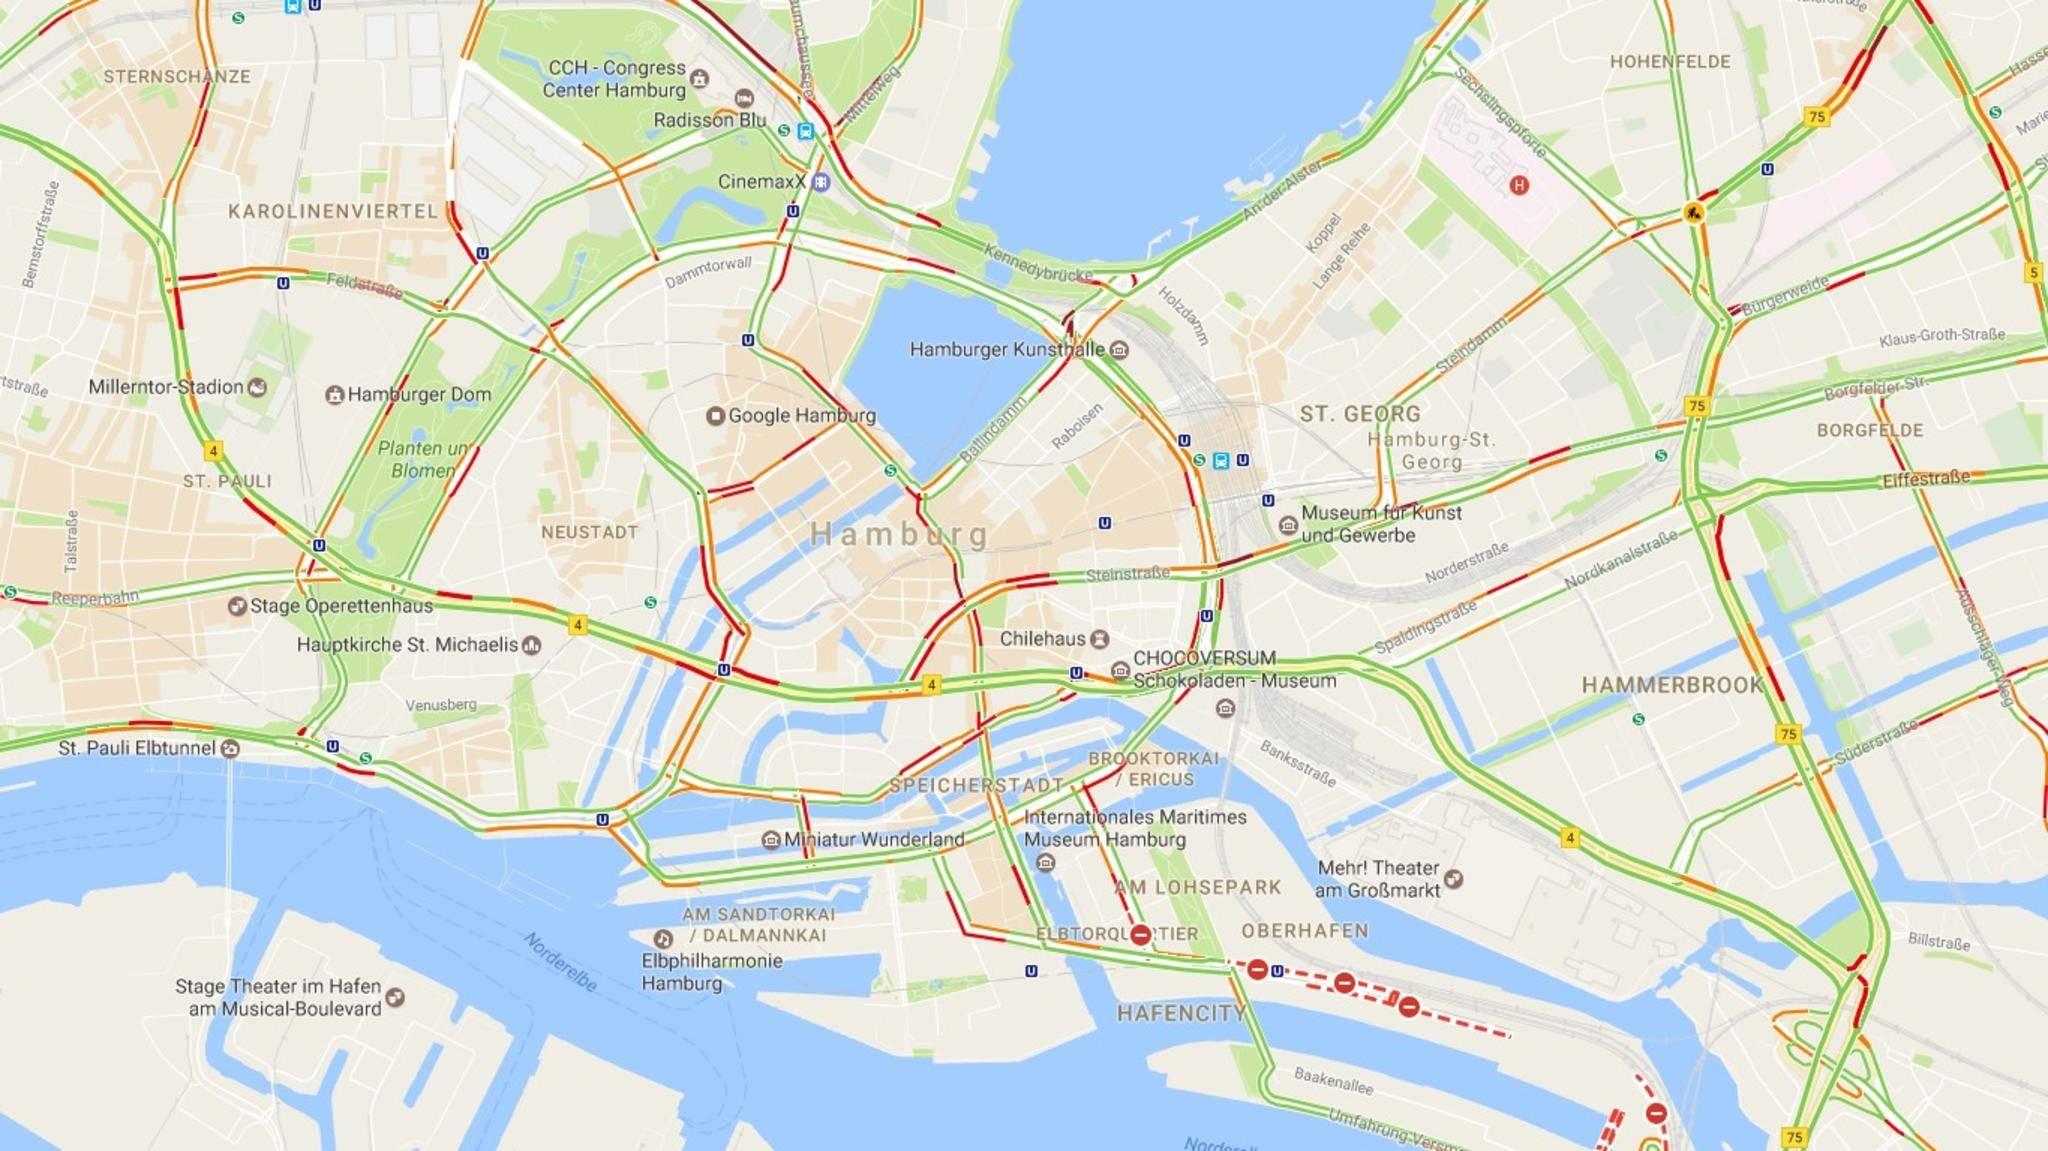 Google Maps bietet unter anderem aktuelle Verkehrsinfos.